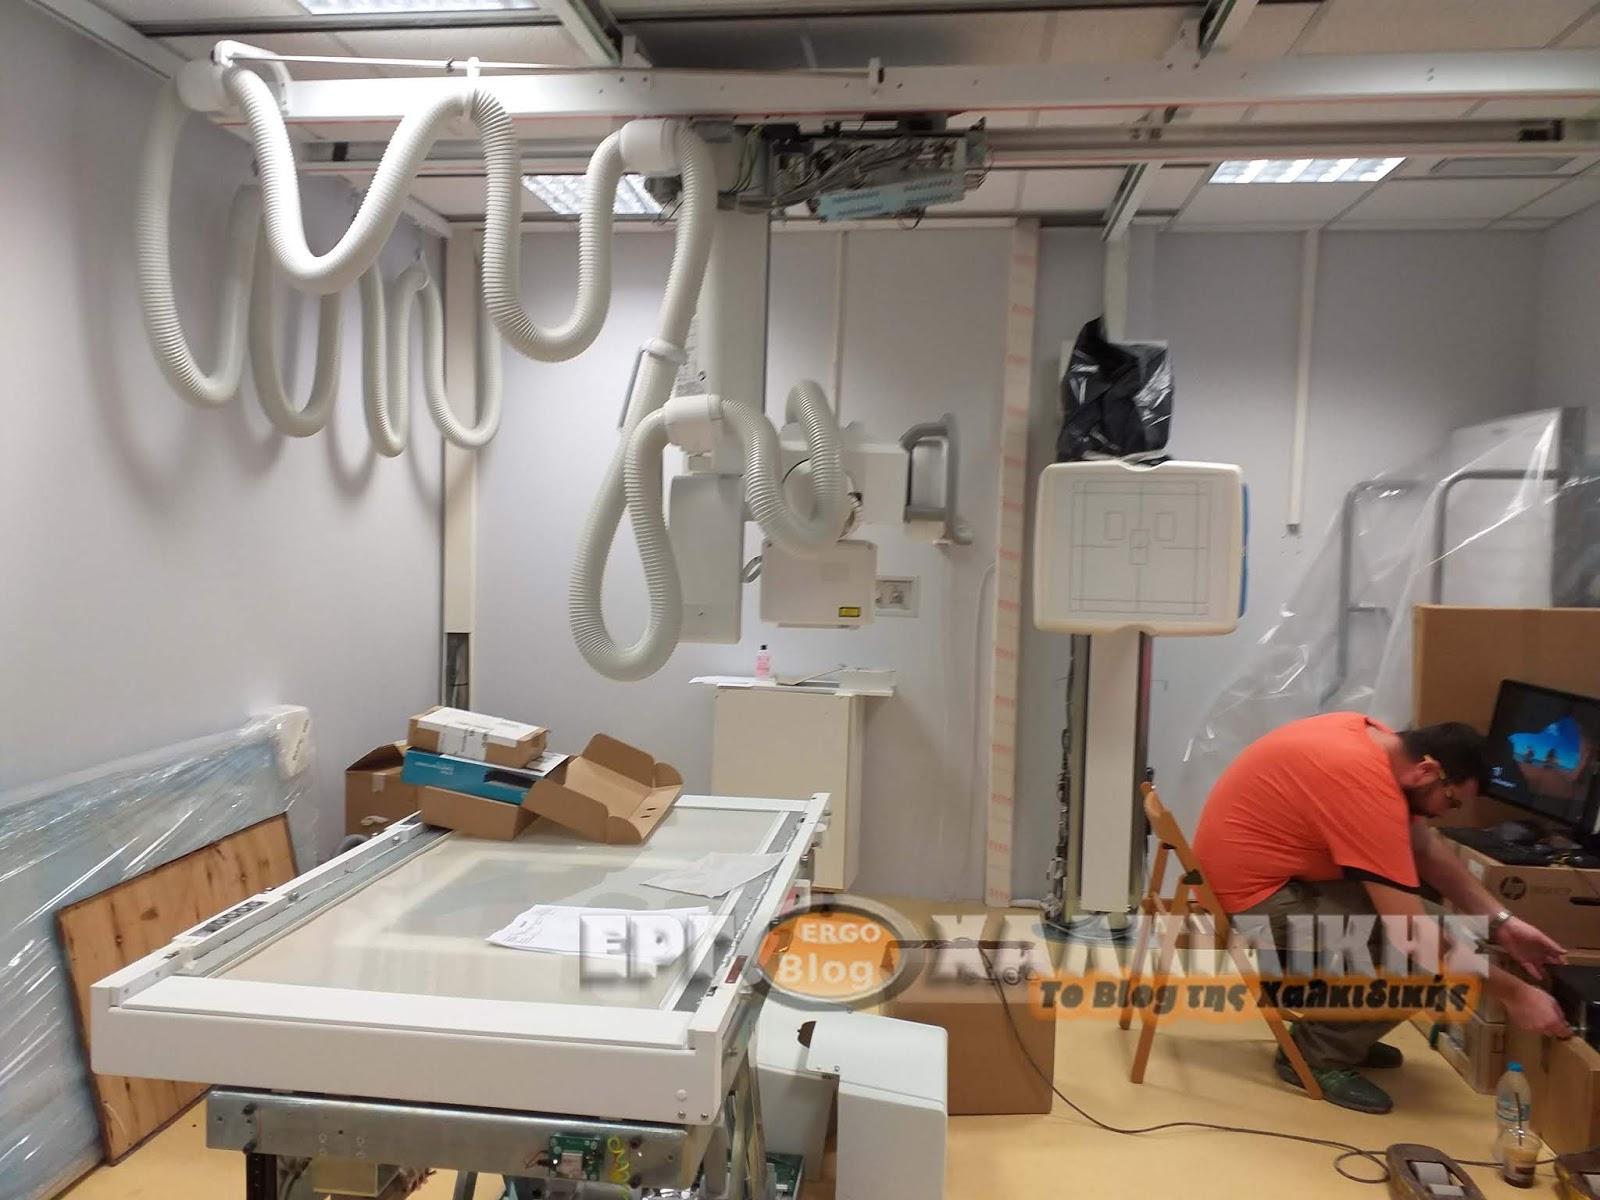 Το Γενικό Νοσοκομείο Χαλκιδικής  εξοπλίζεται με υπερσύγχρονα μηχανήματα, χάρη στο κληροδότημα του Ιωάννη Κατσάνη.